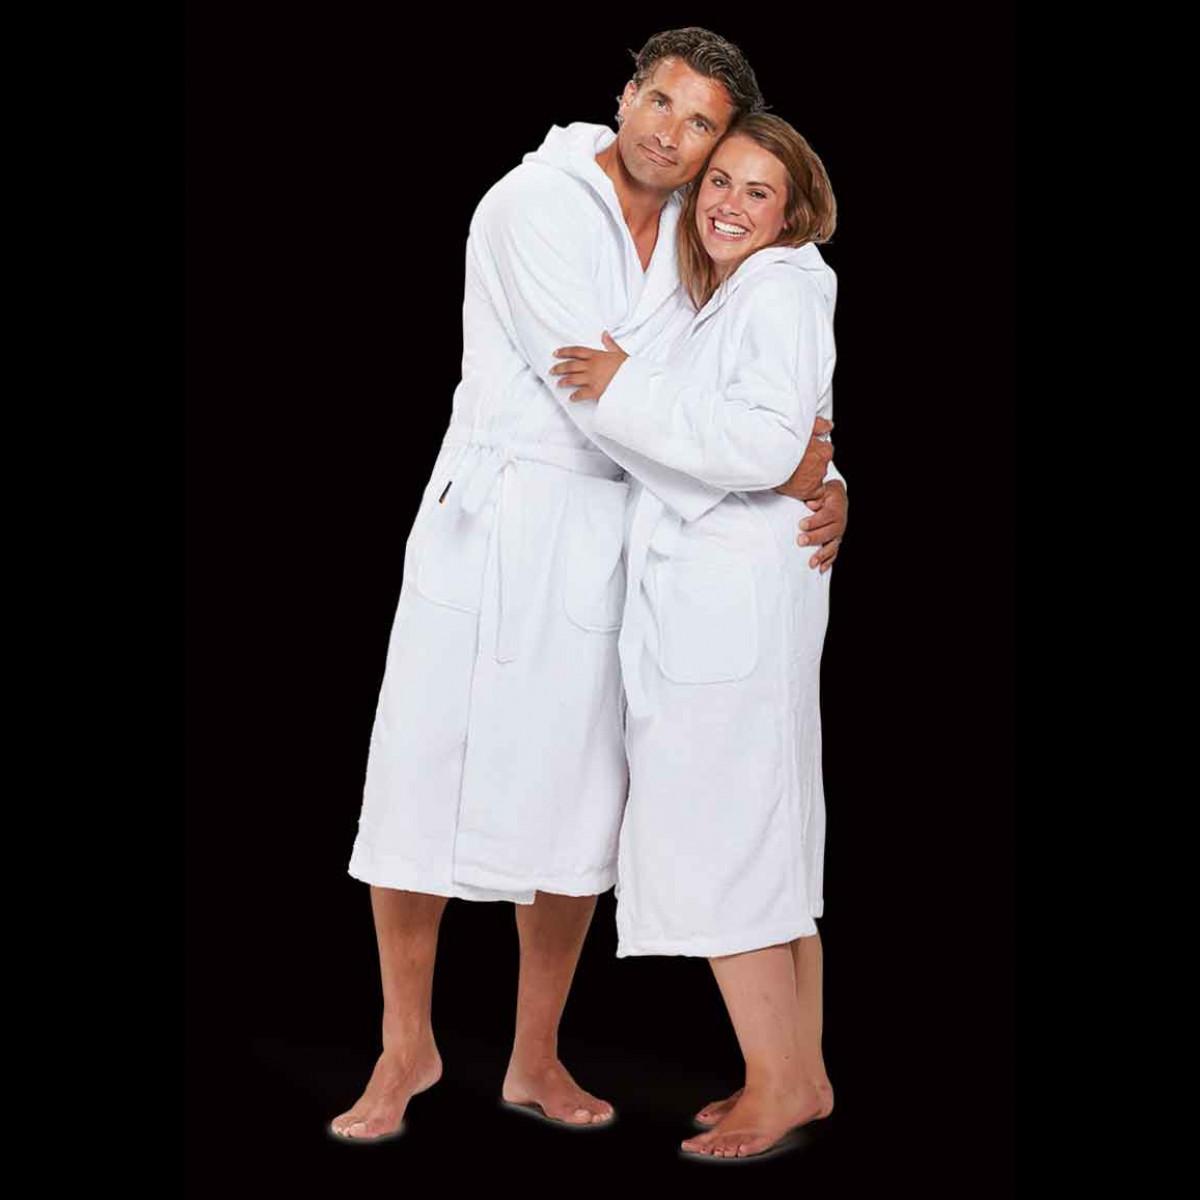 capuchon badjassen wit